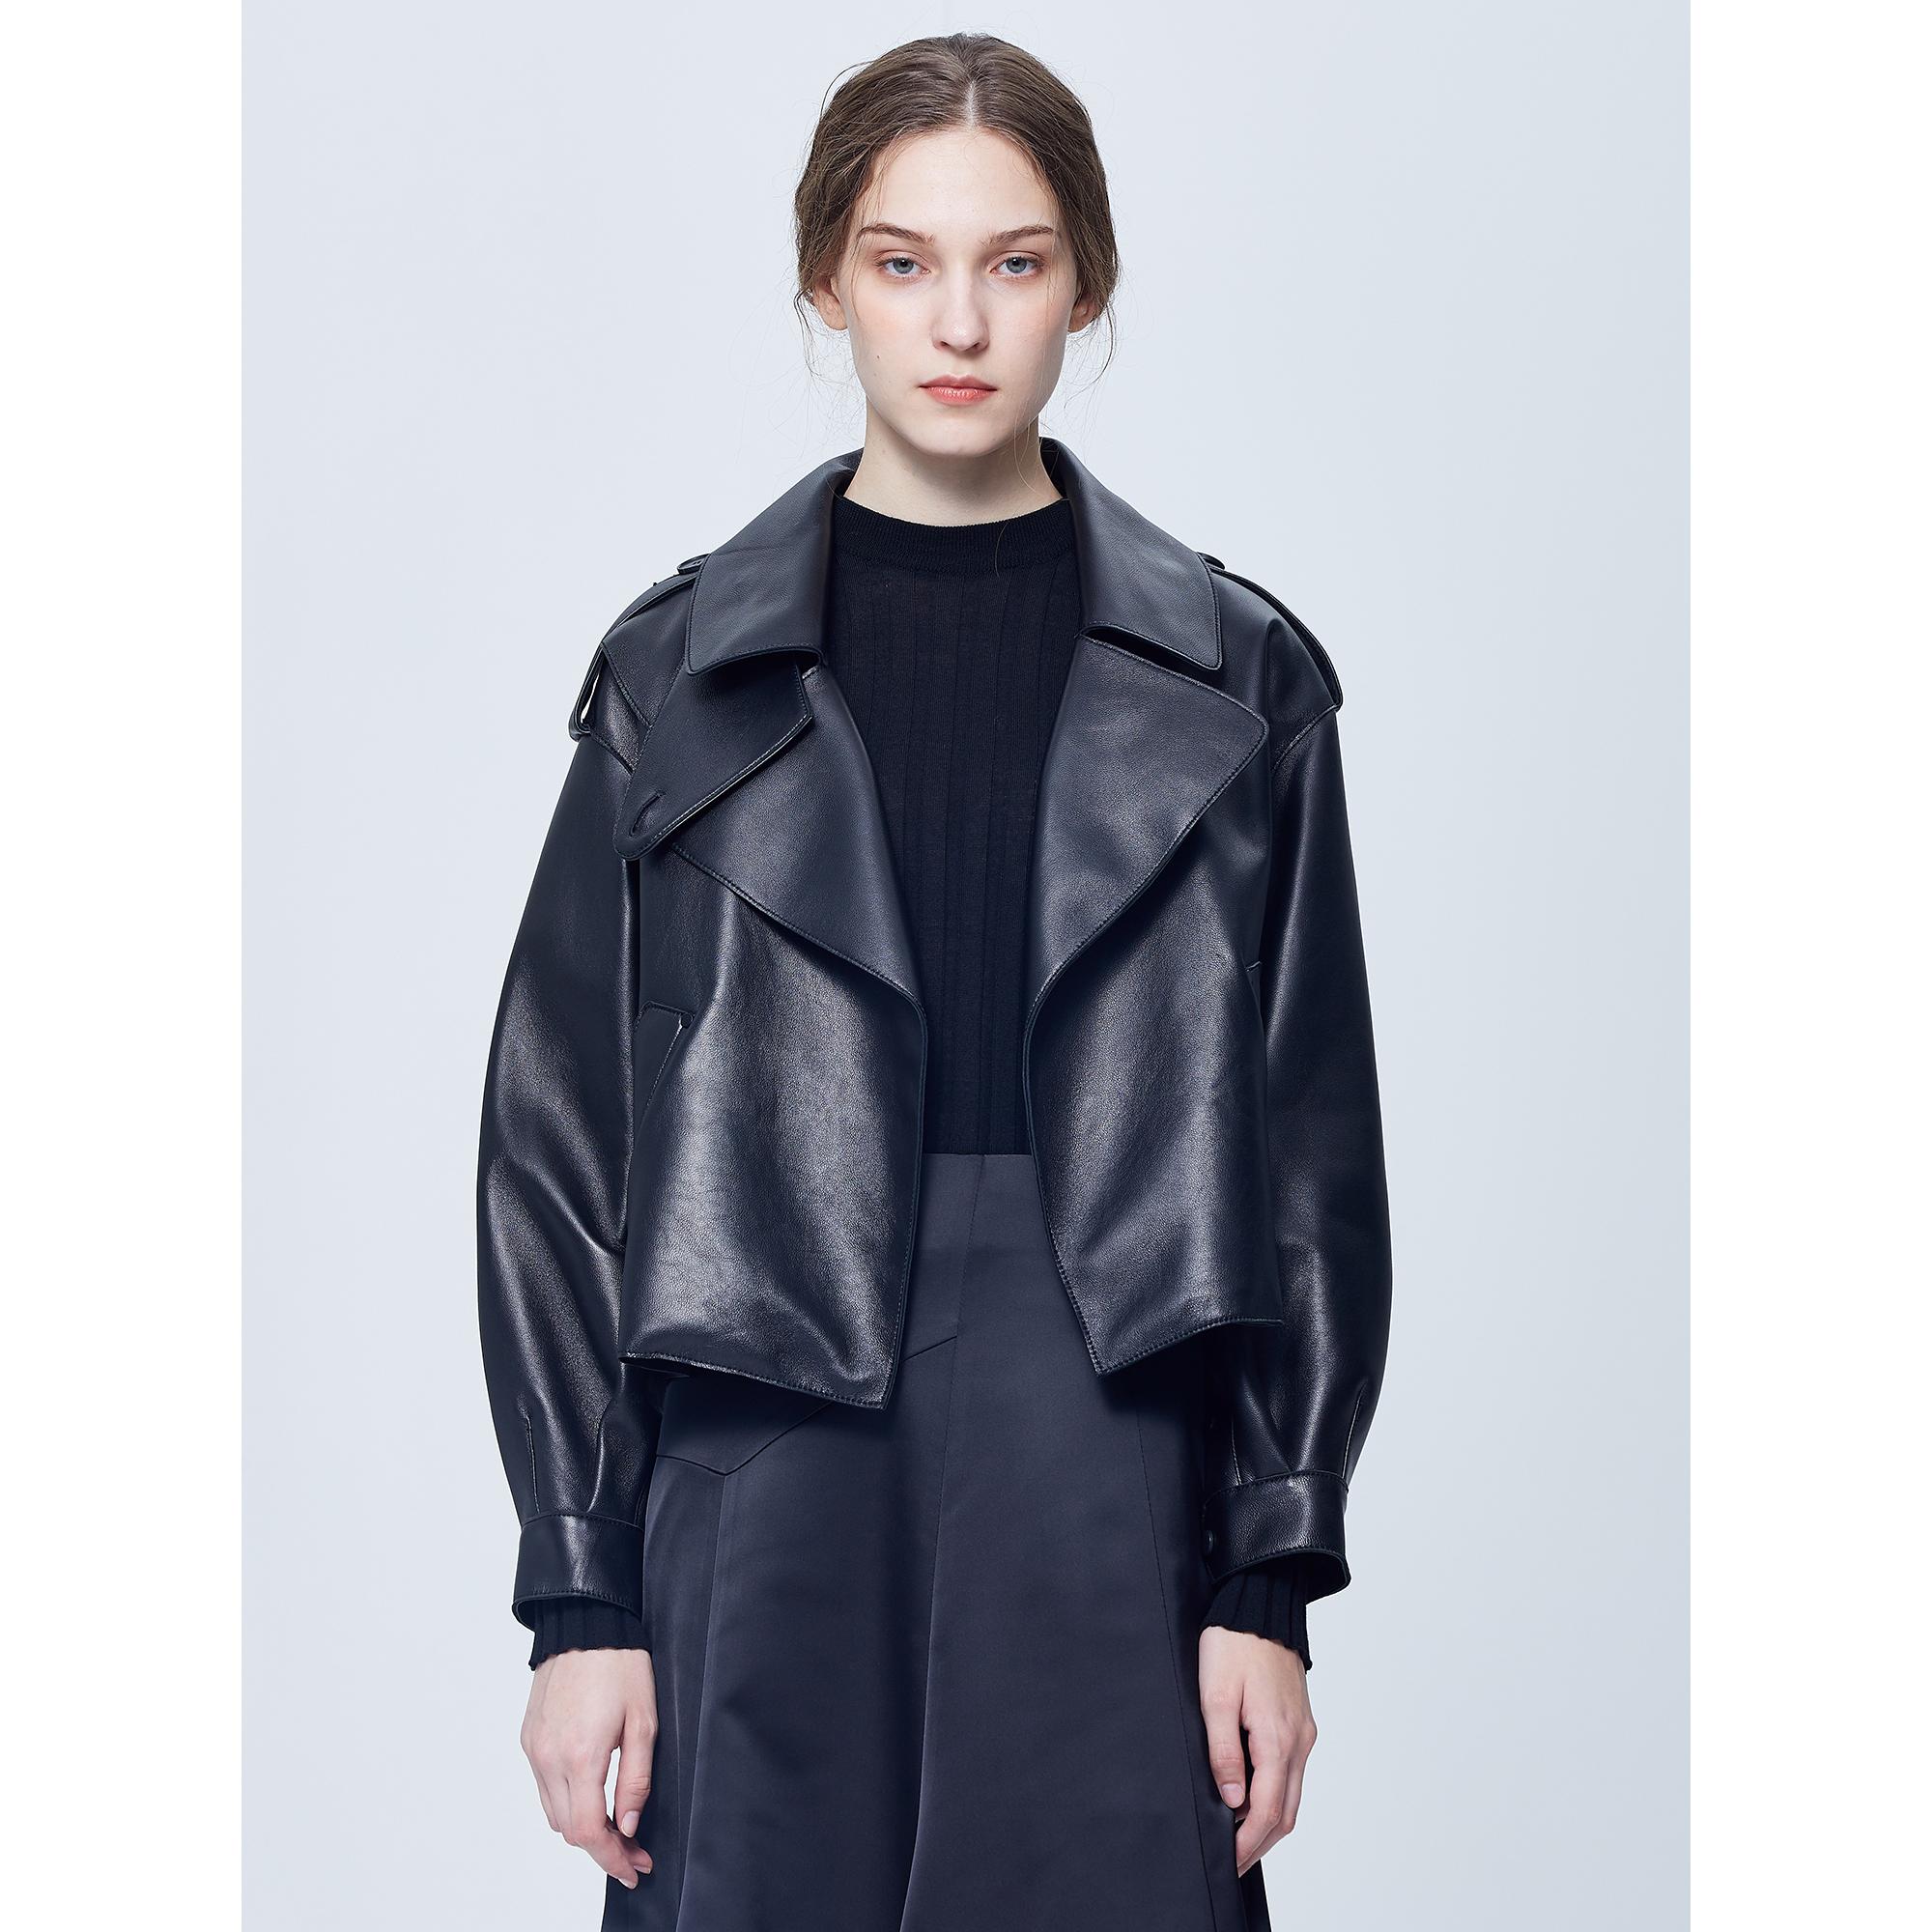 스튜디오 톰보이 가죽 재킷 가을 재킷 숏 트렌치 트렌치코트 가죽 아우터